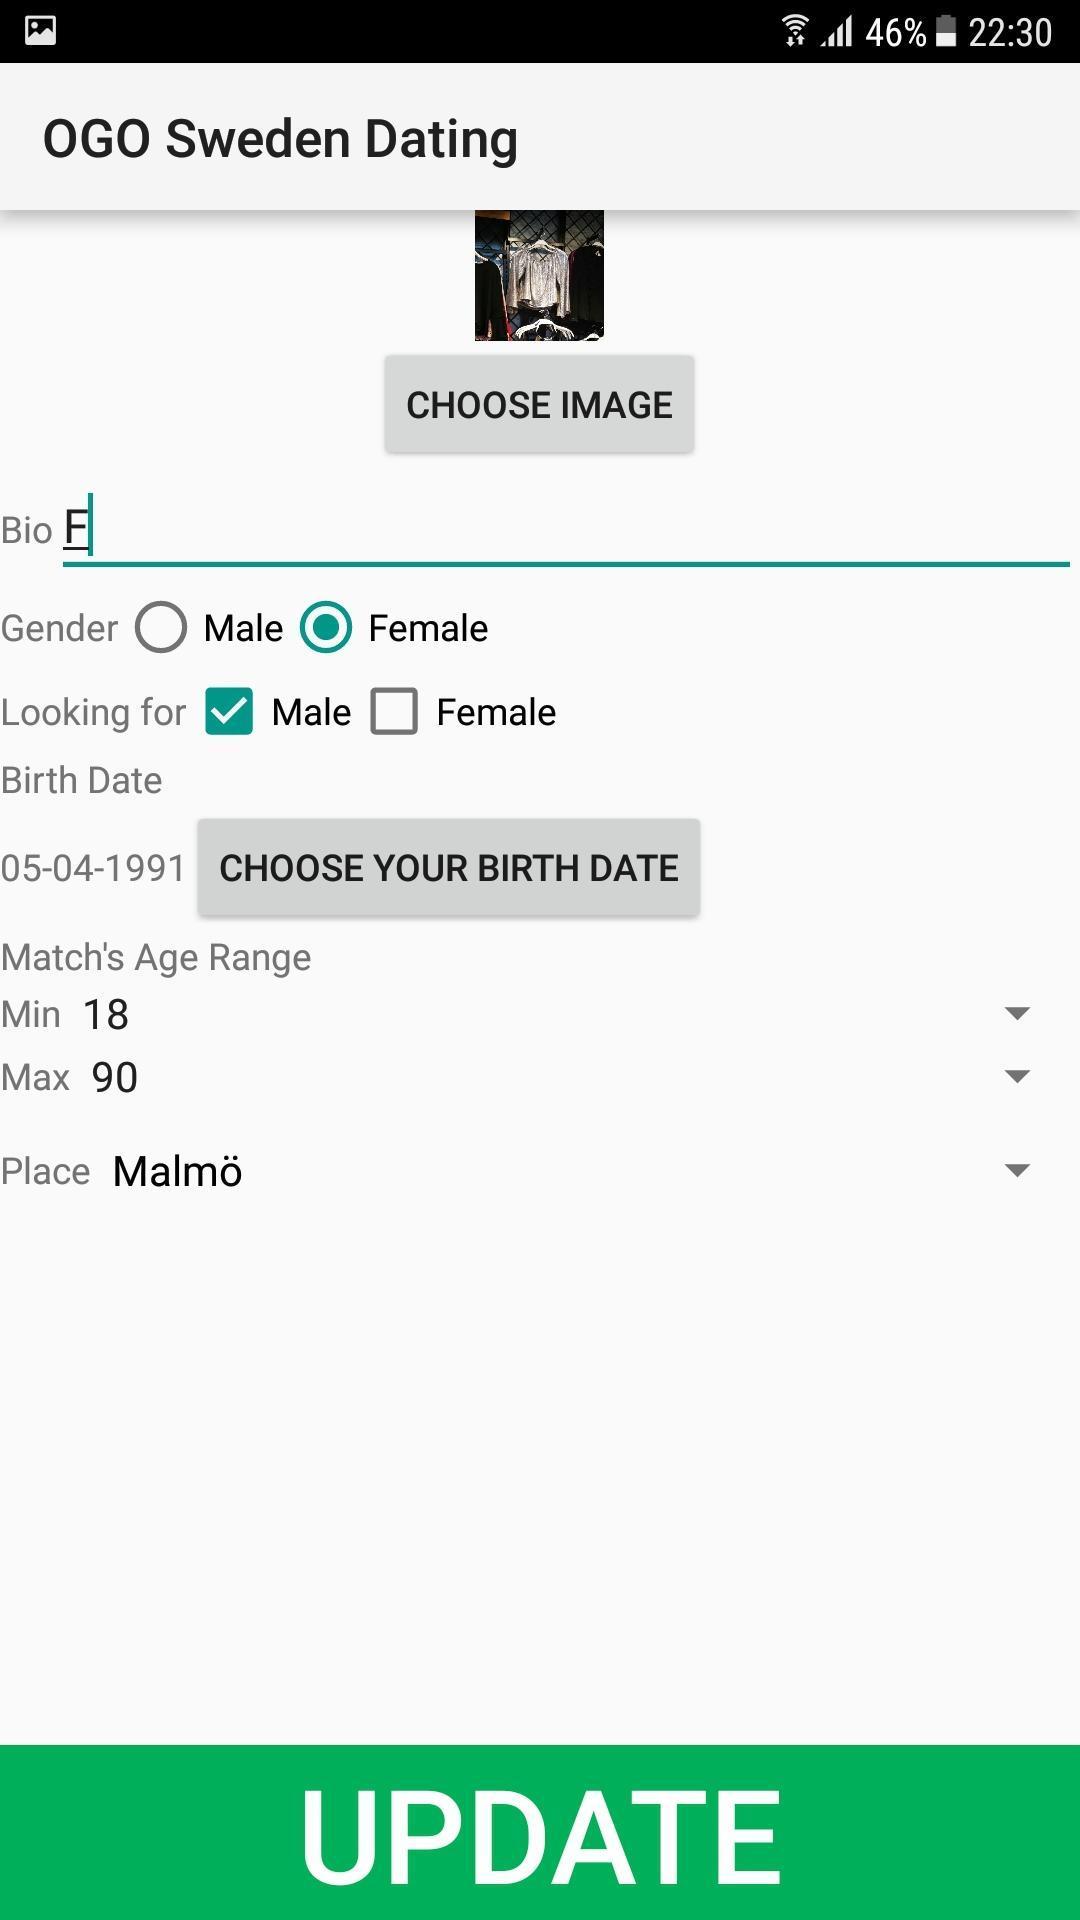 malmö dating site